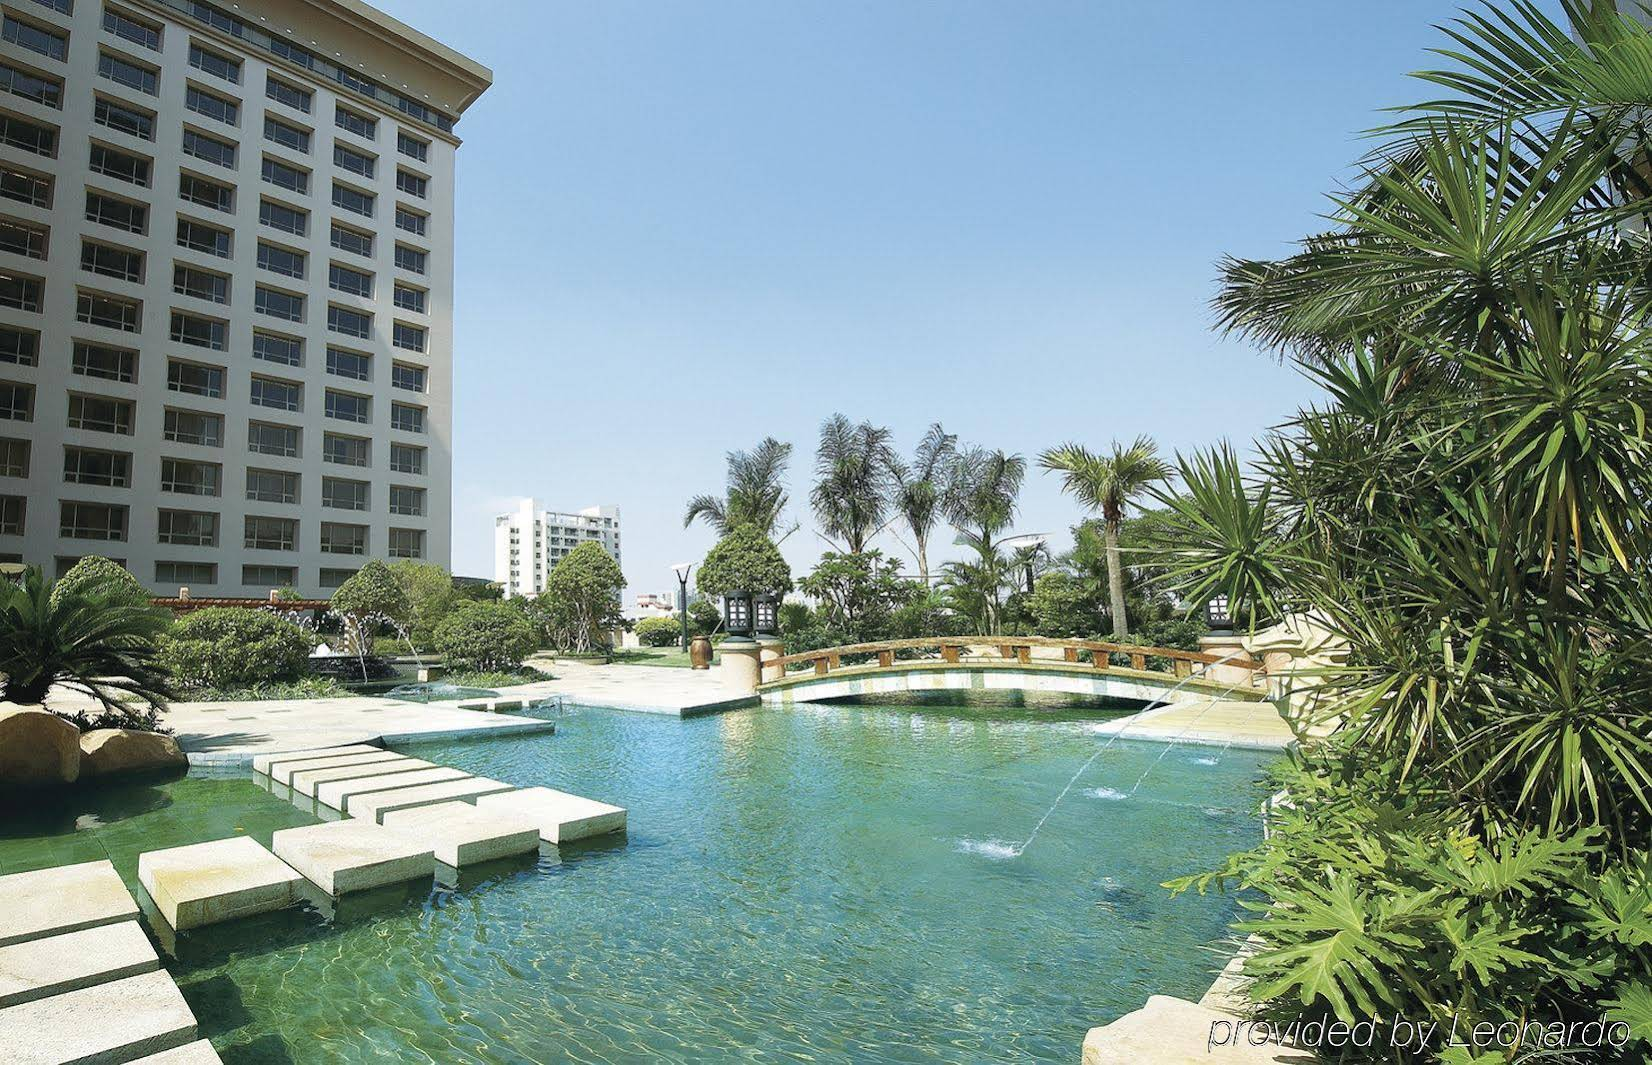 Shenzhen Baolilai International Hotel